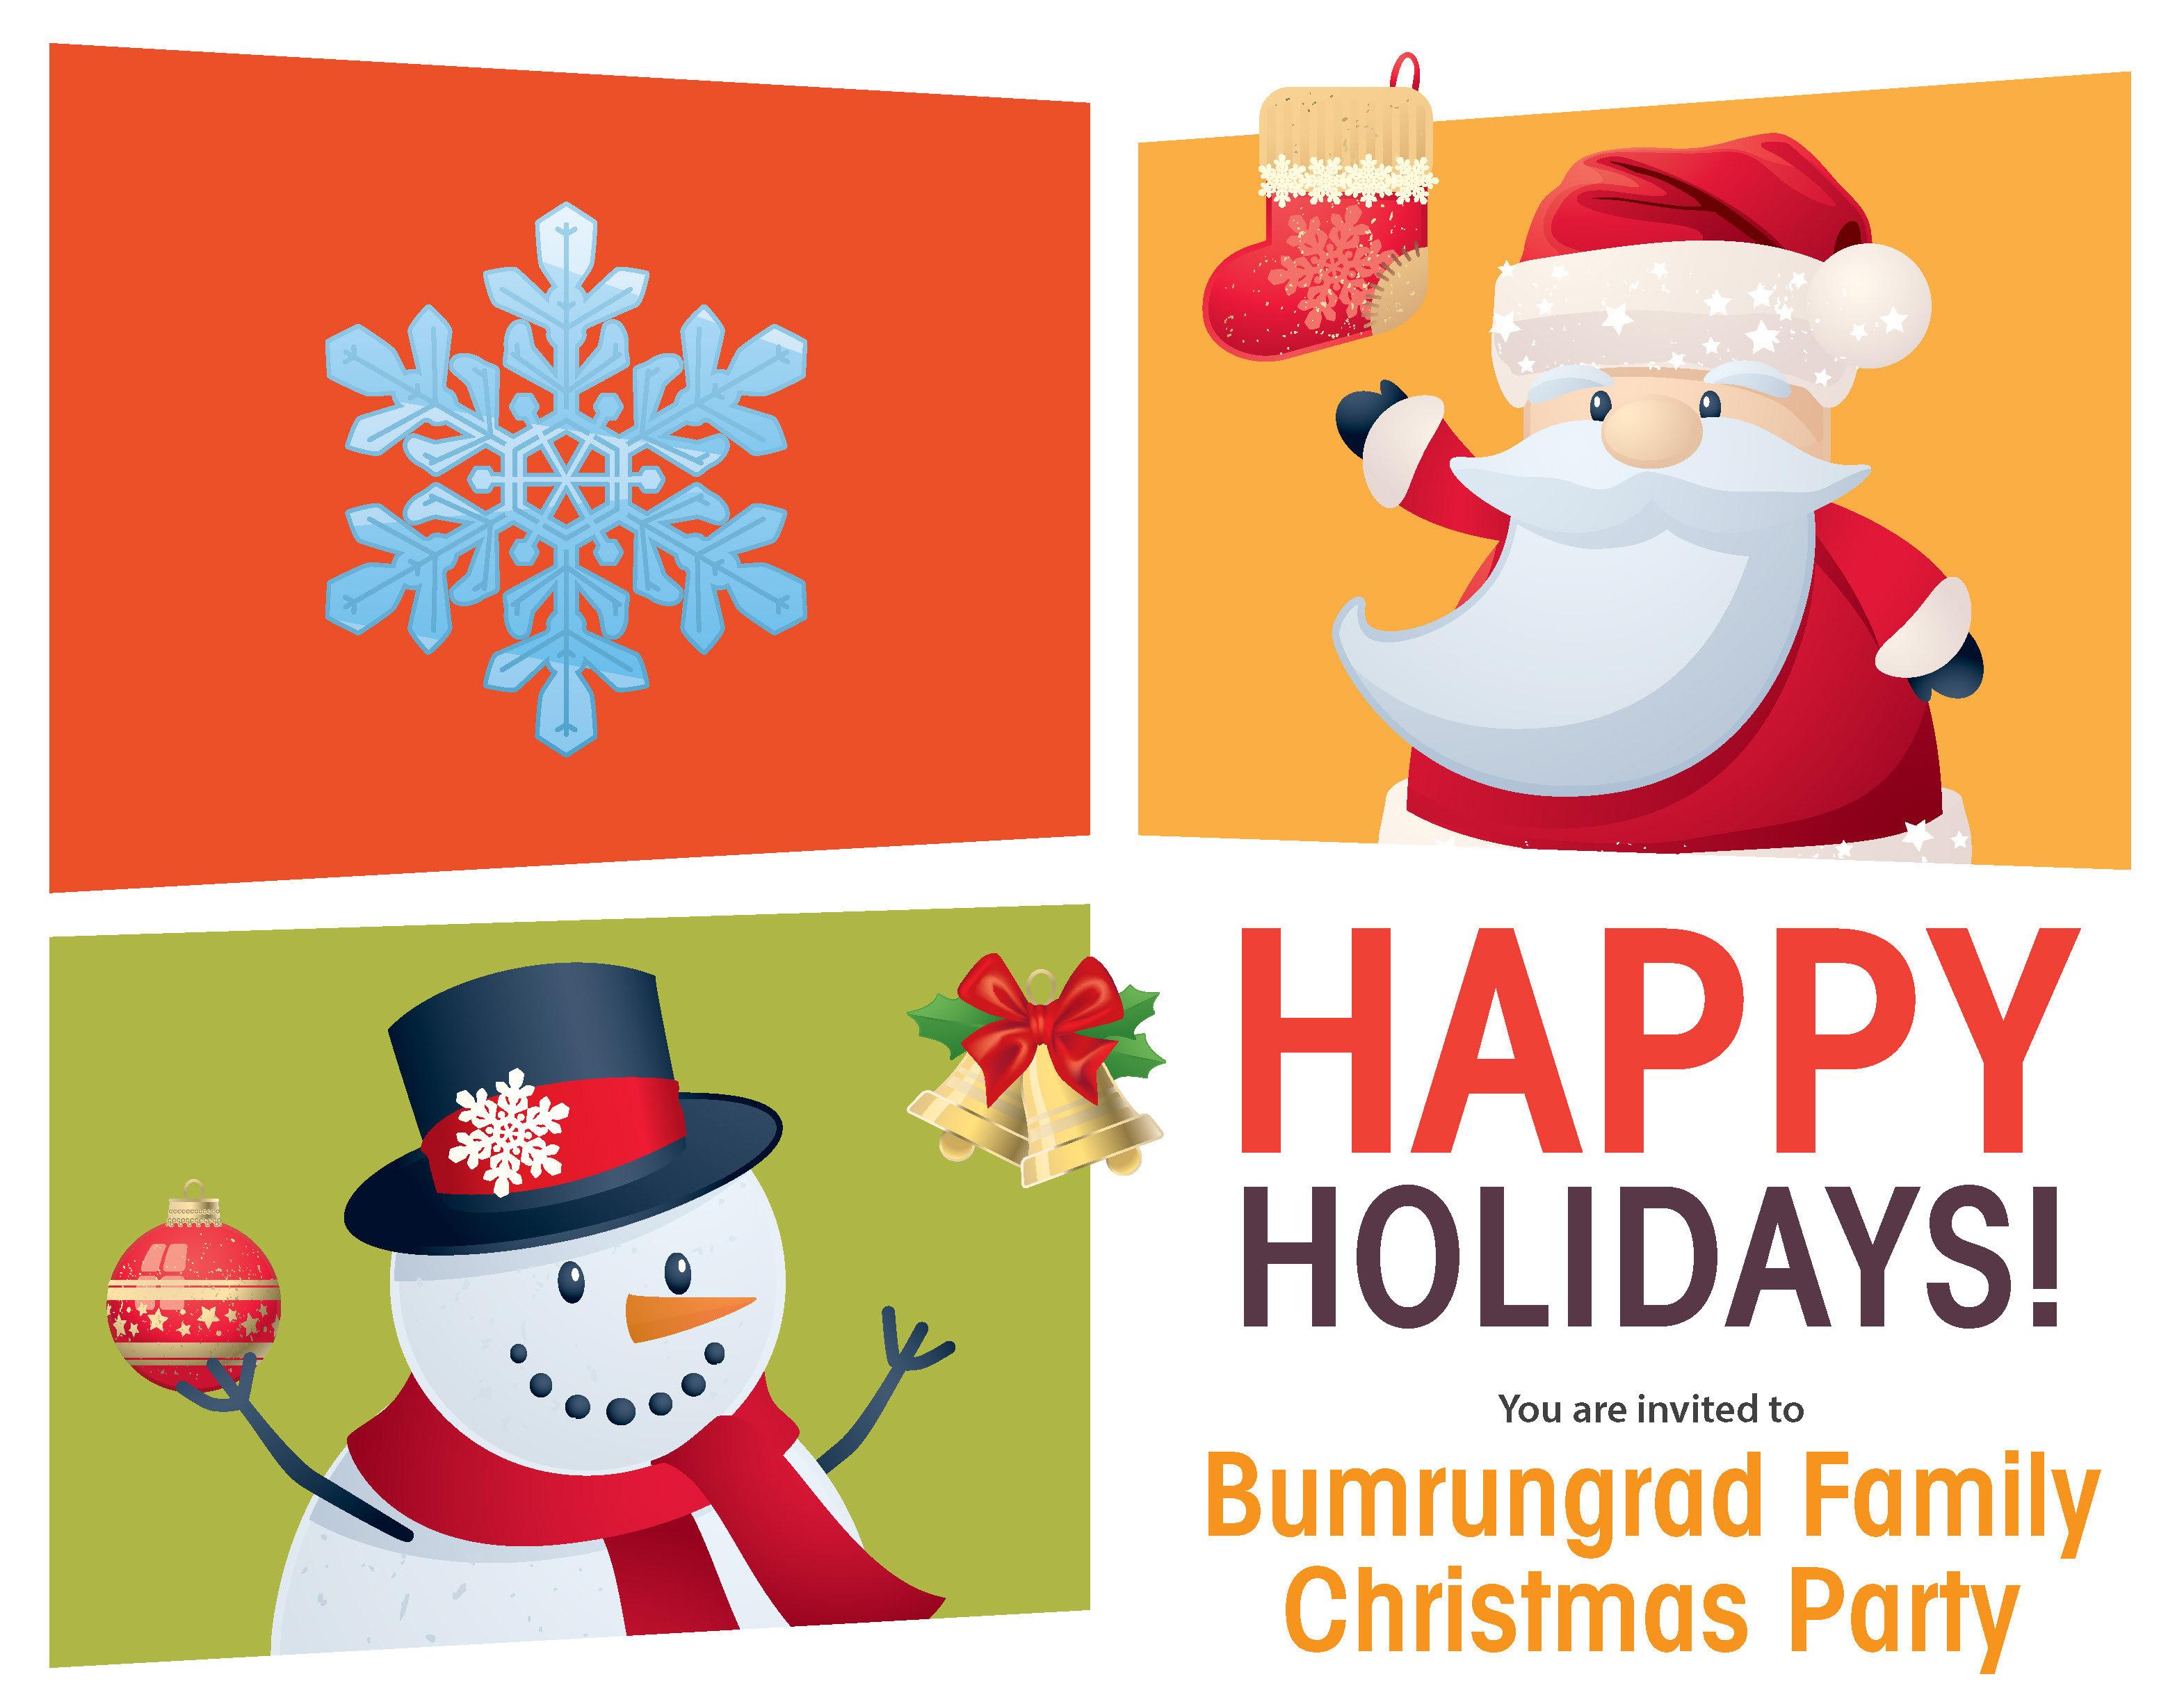 12月1日(土)は、バムルンラード病院の『ファミリークリスマスパーティー』